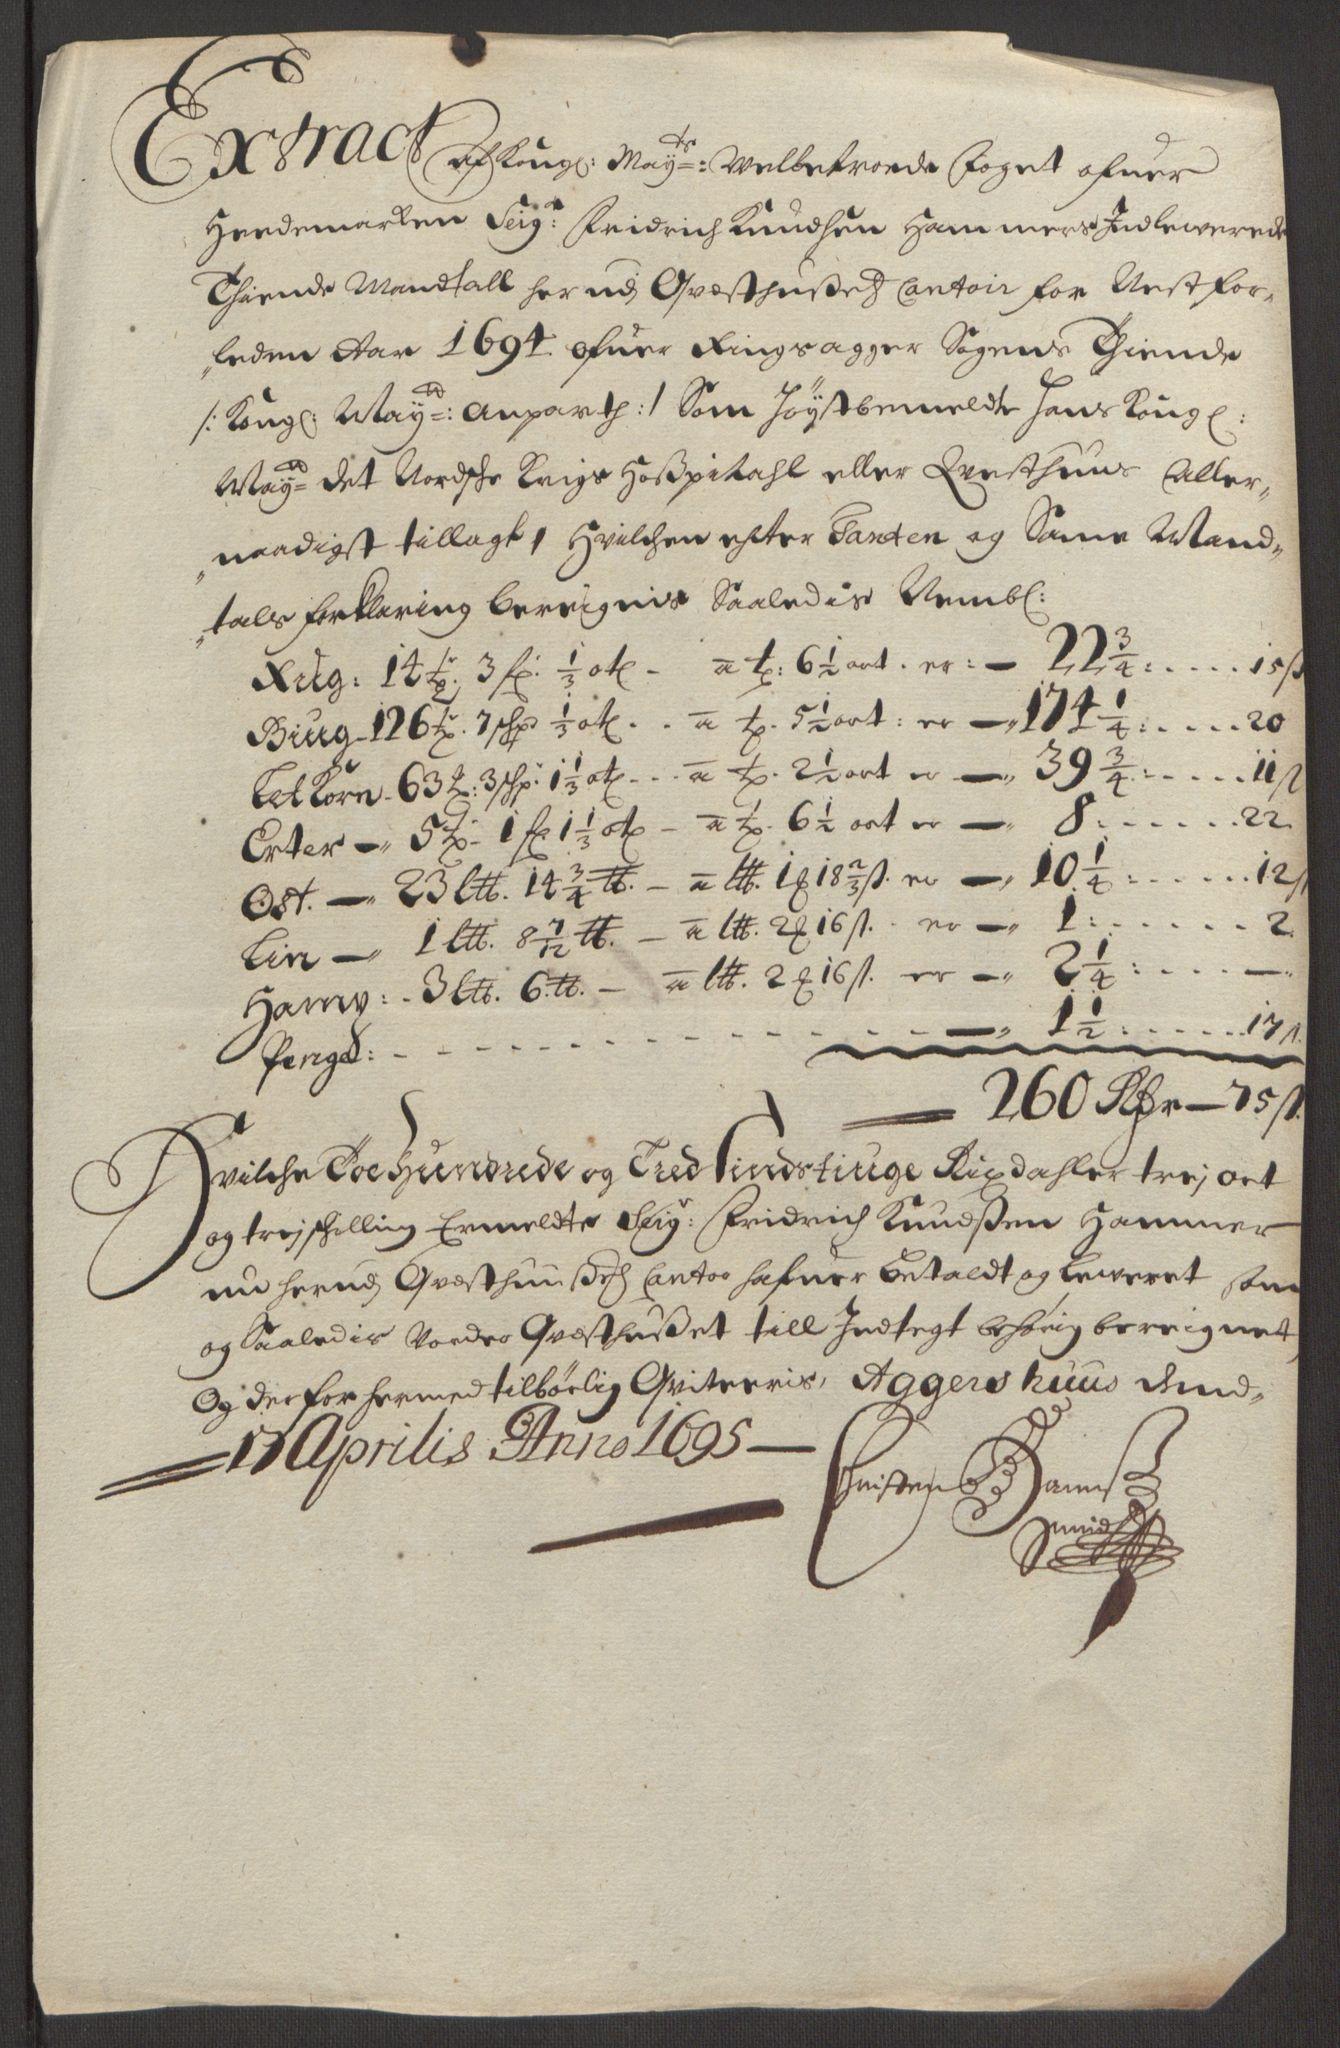 RA, Rentekammeret inntil 1814, Reviderte regnskaper, Fogderegnskap, R16/L1035: Fogderegnskap Hedmark, 1694, s. 196